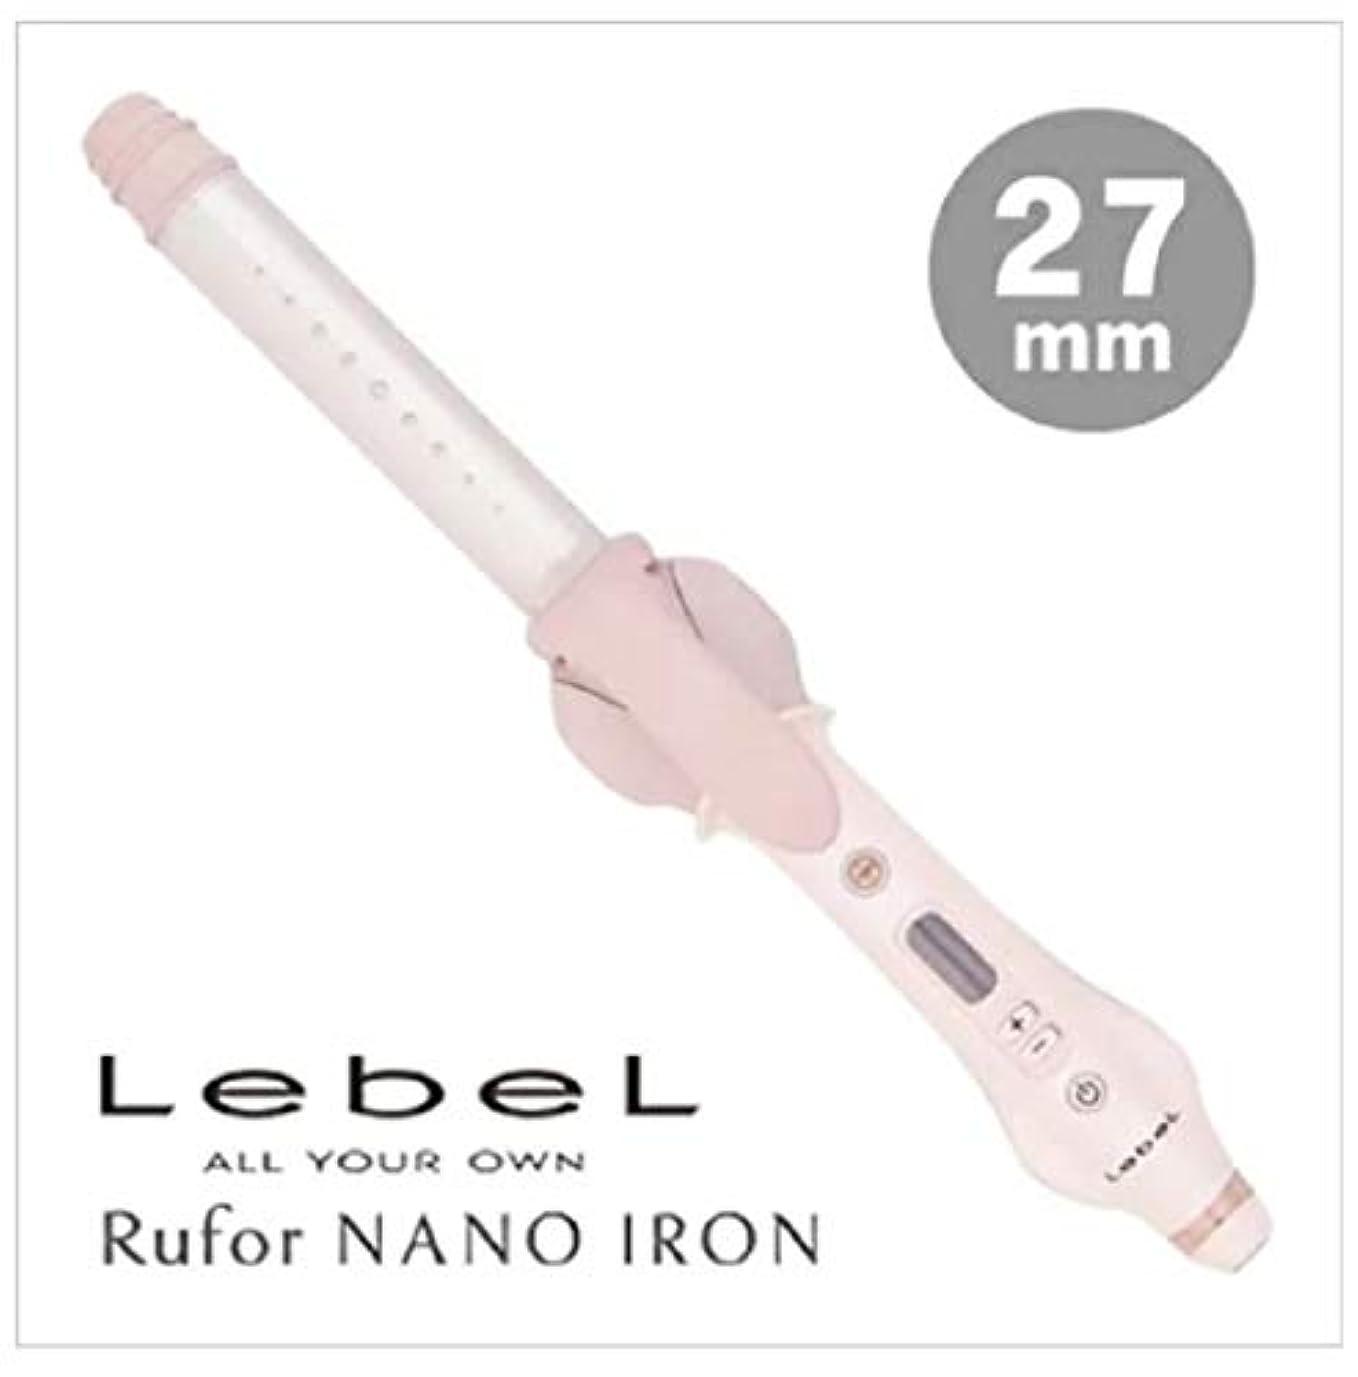 オープニング導出器具ルベル ルフォール ナノアイロン (27mm)